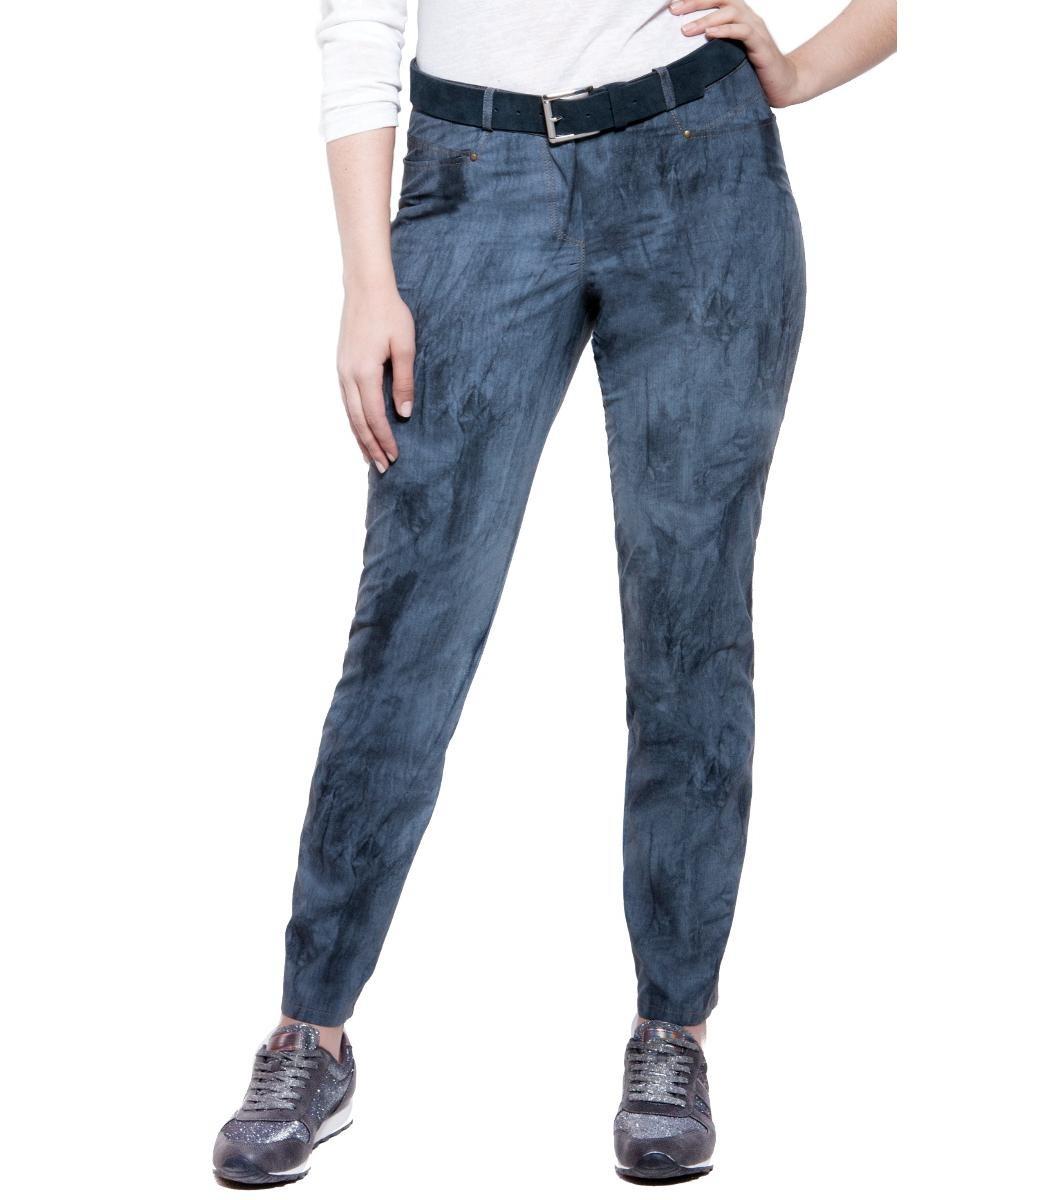 chalou lederjeans f r damen aus leder imitat im jeans look. Black Bedroom Furniture Sets. Home Design Ideas